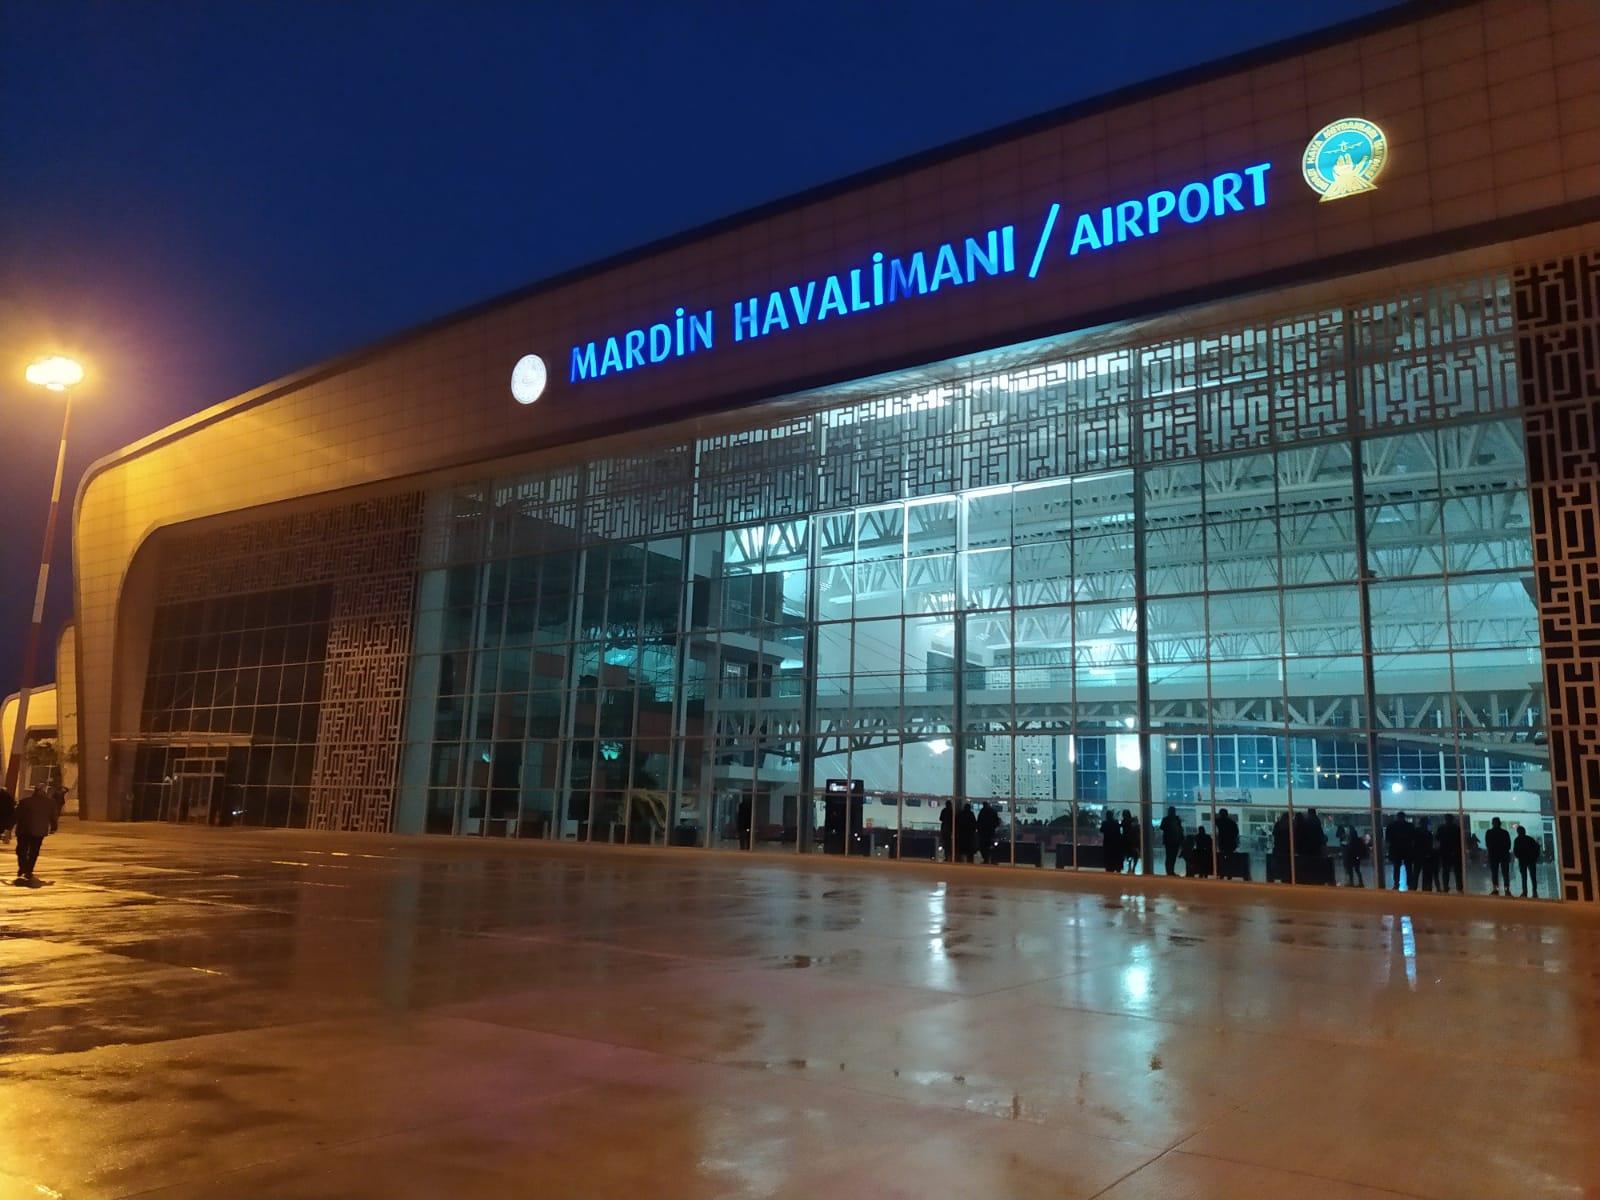 Mardin Havalimanında aranan 299 şüpheli yakalandı